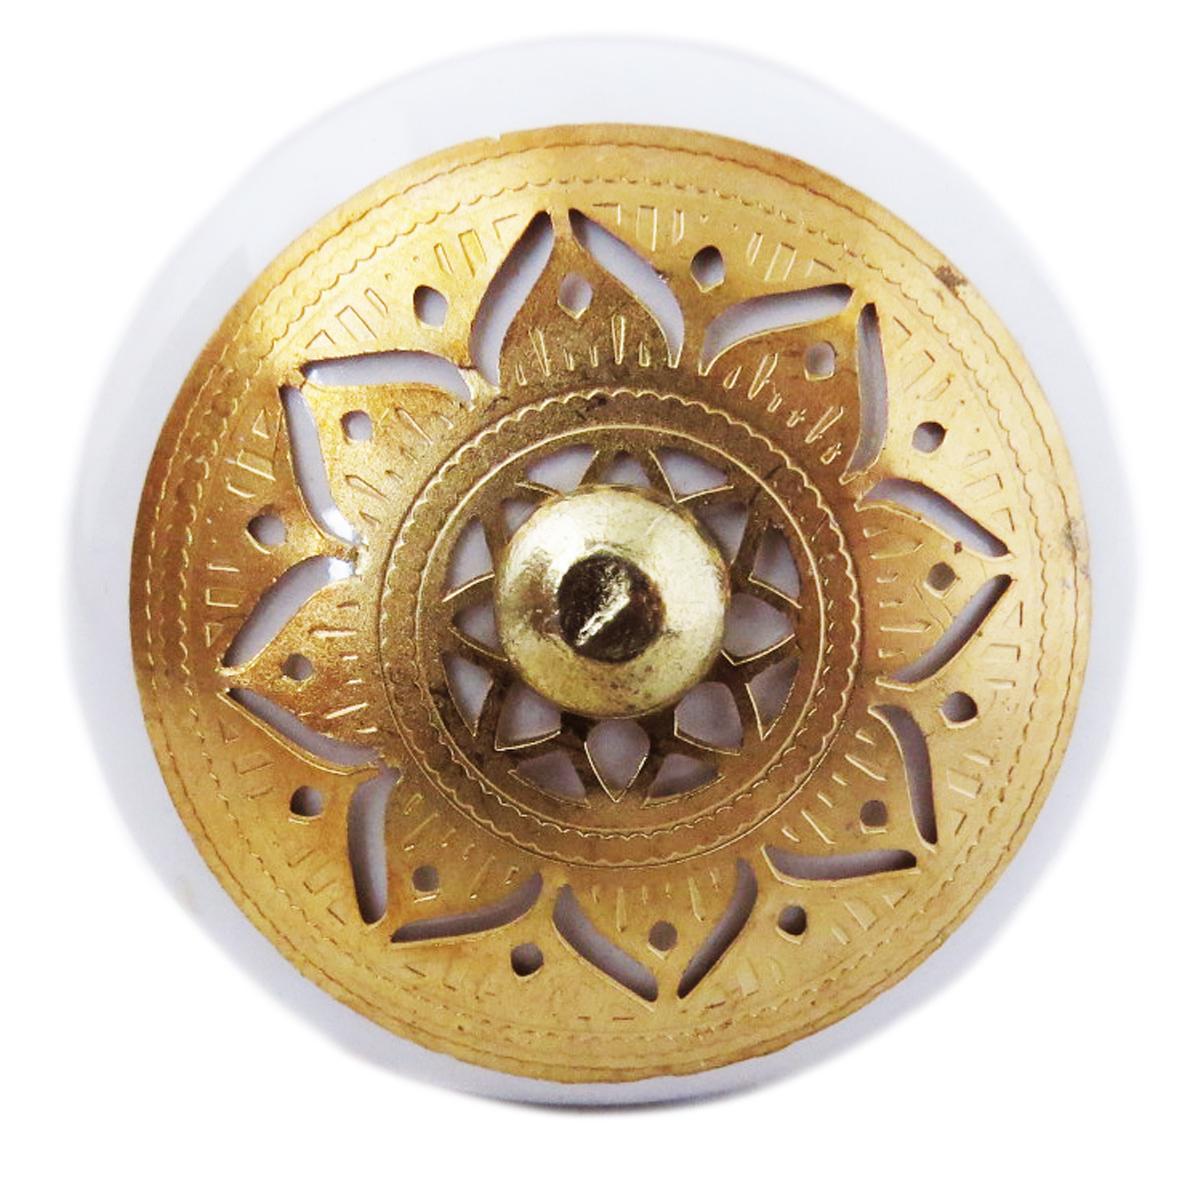 Bouton meuble céramique \'Boho\' blanc doré - 60x40 mm - [A3123]